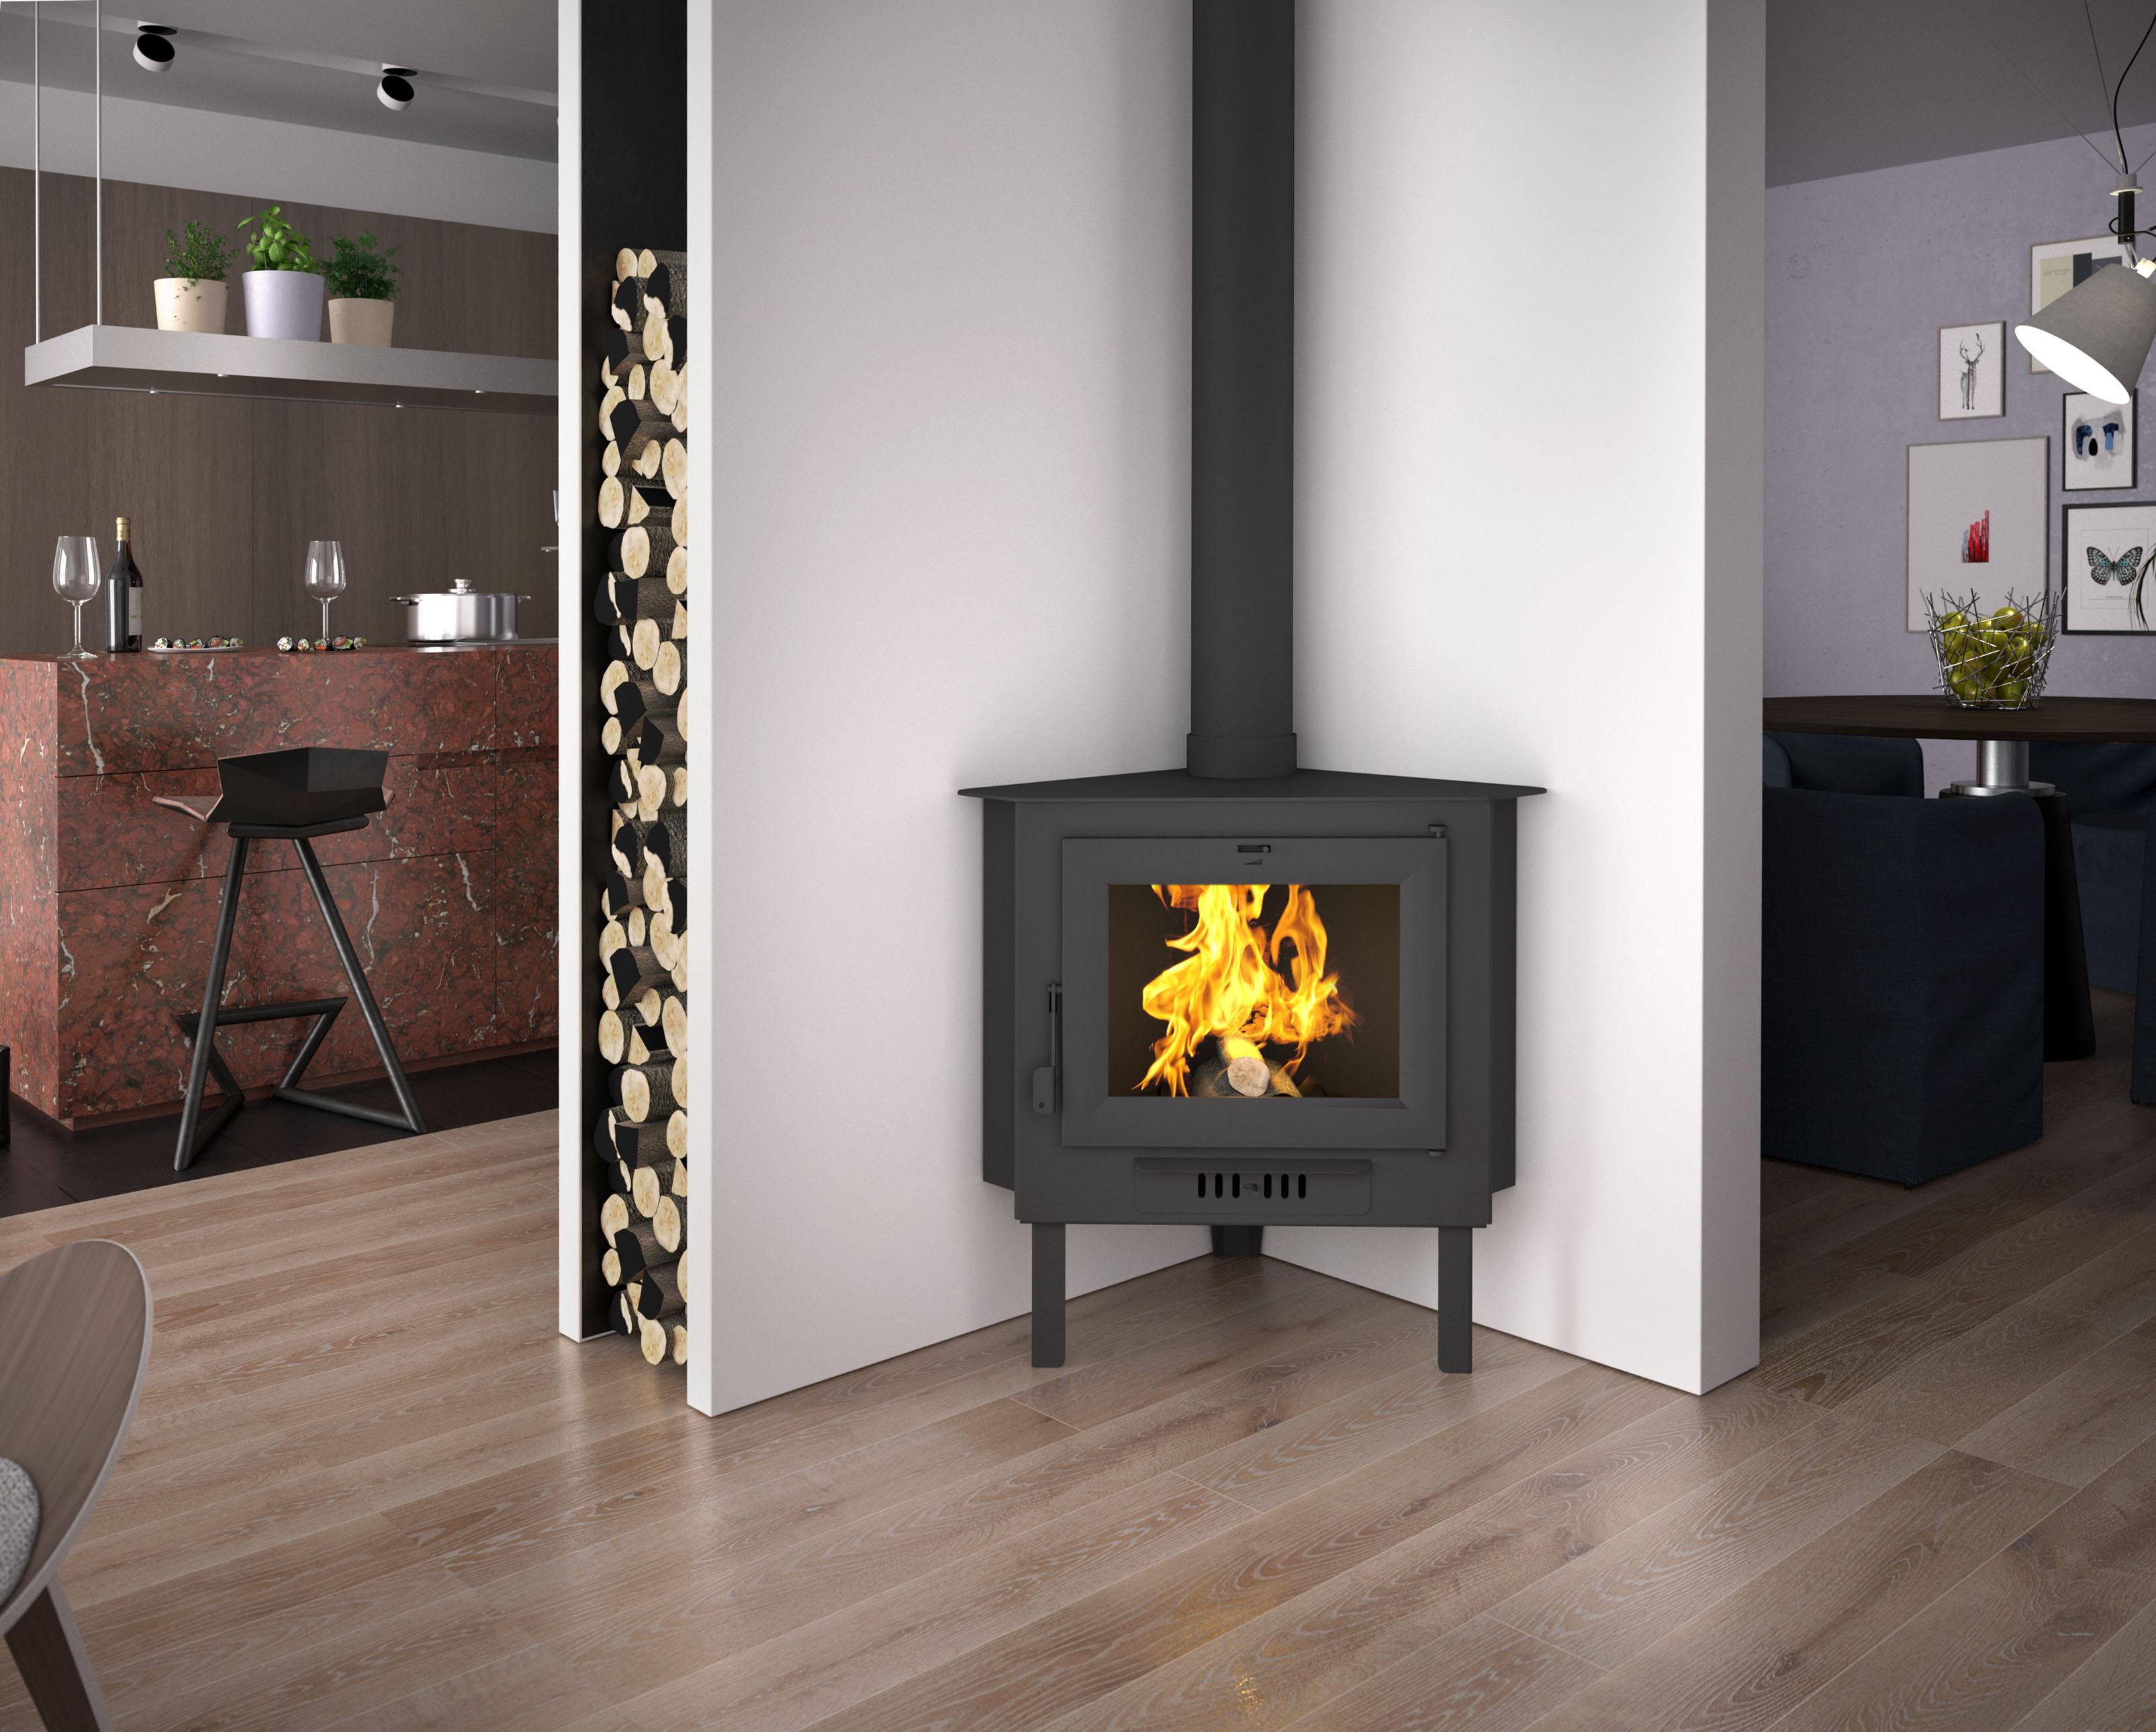 Frigidaire FFEF3018LM 30 Inch Freestanding